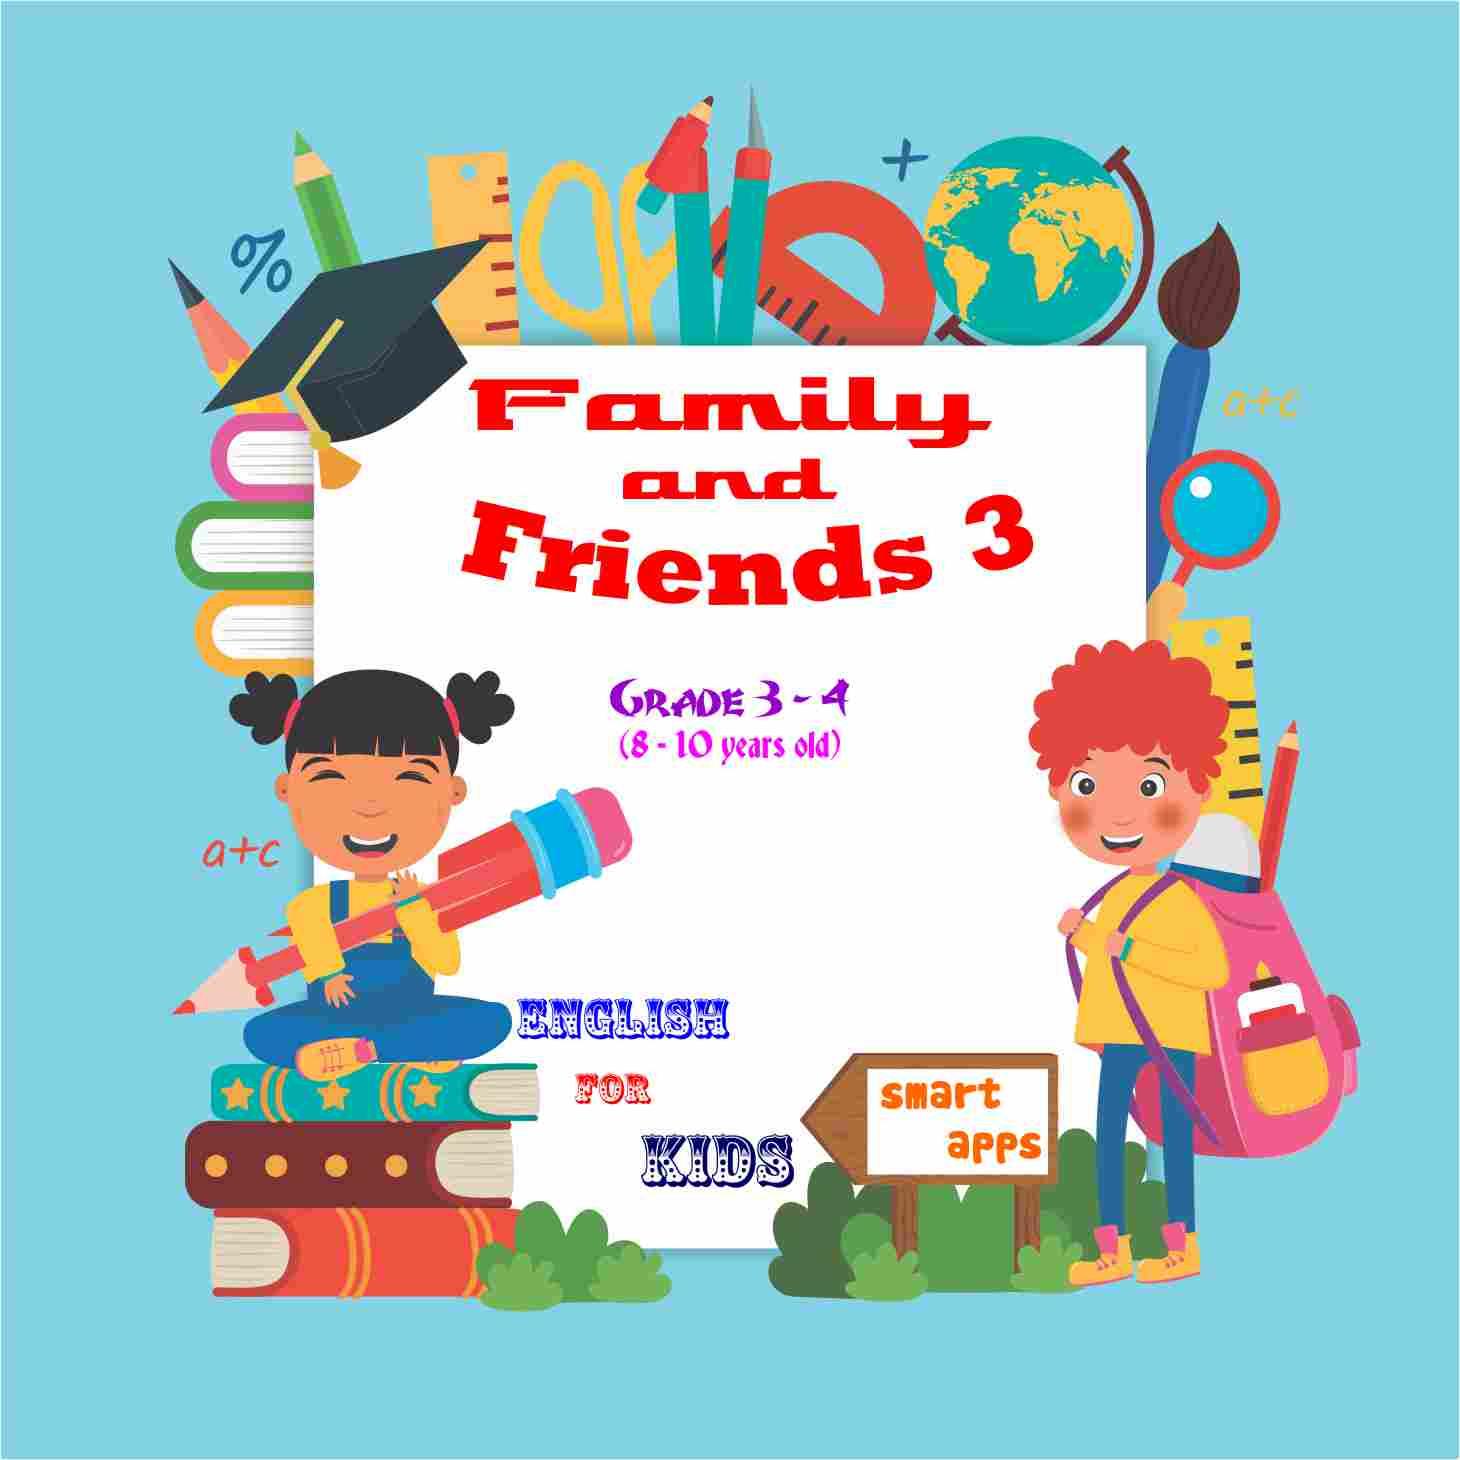 family-friend-3.jpg